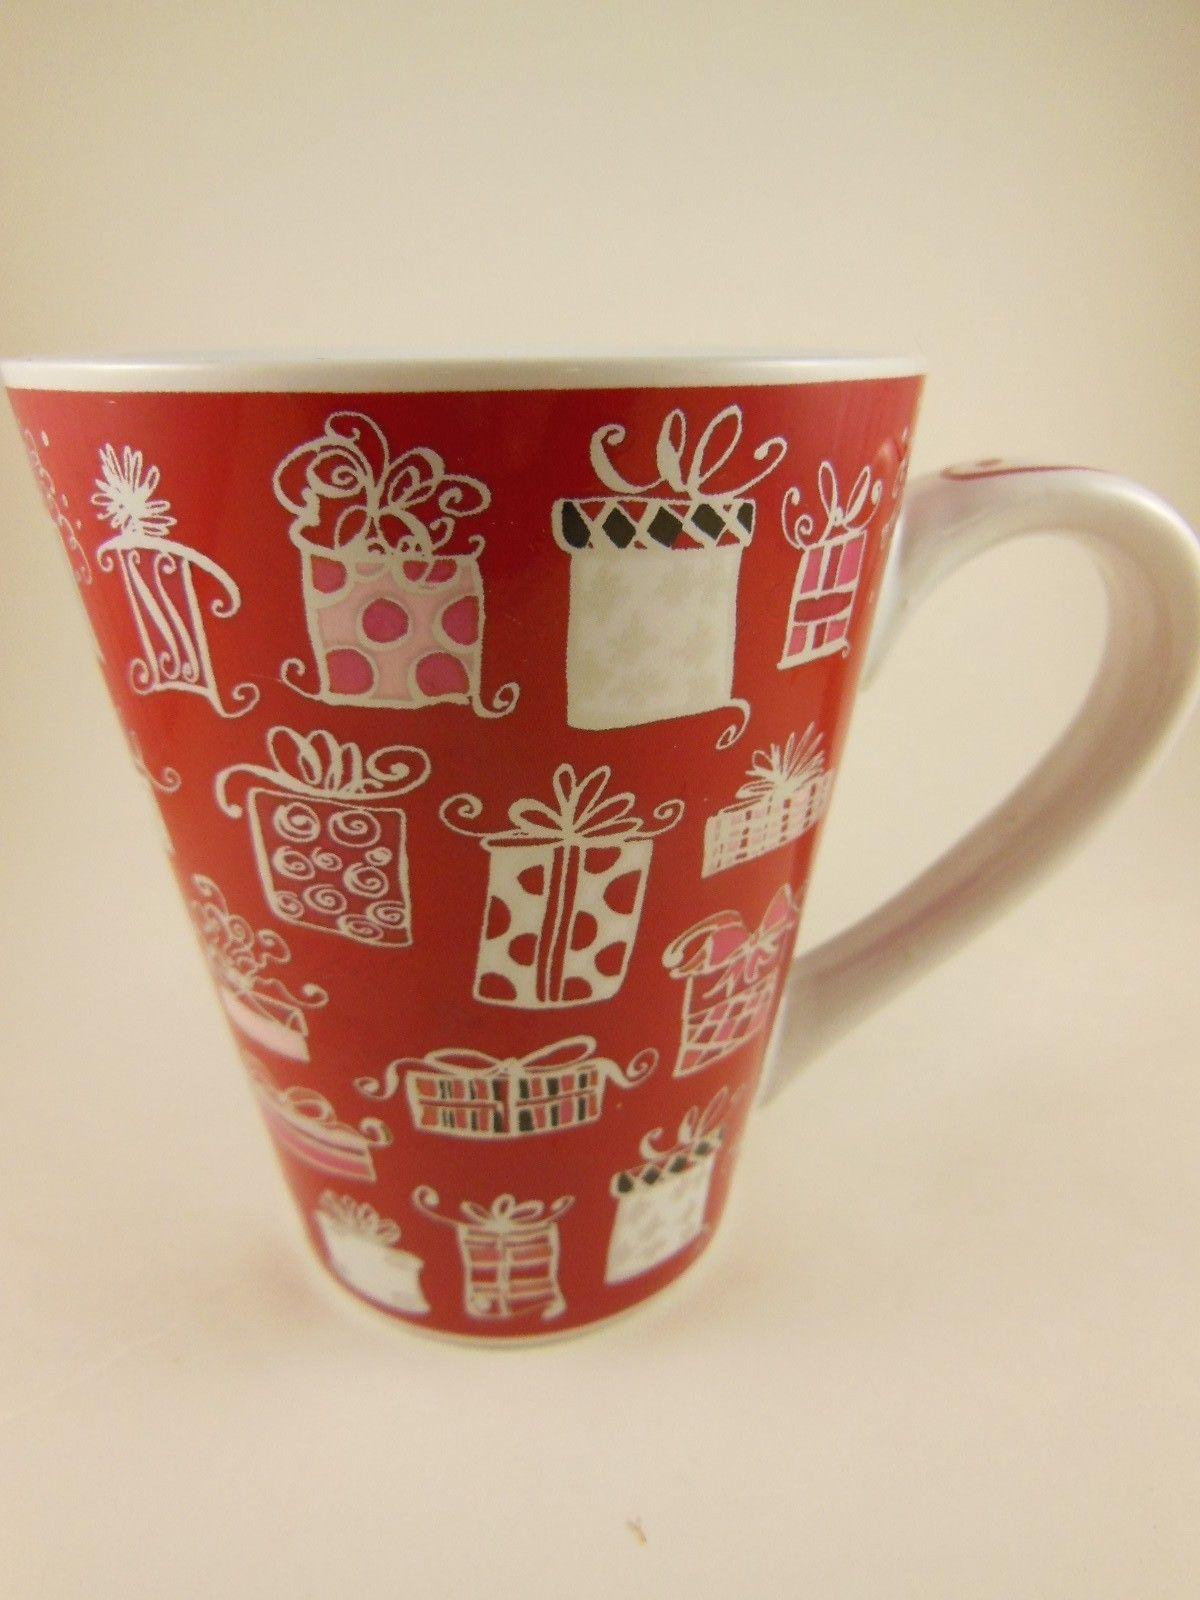 Beautiful Starbucks Christmas Mug Gifts & and 50 similar items